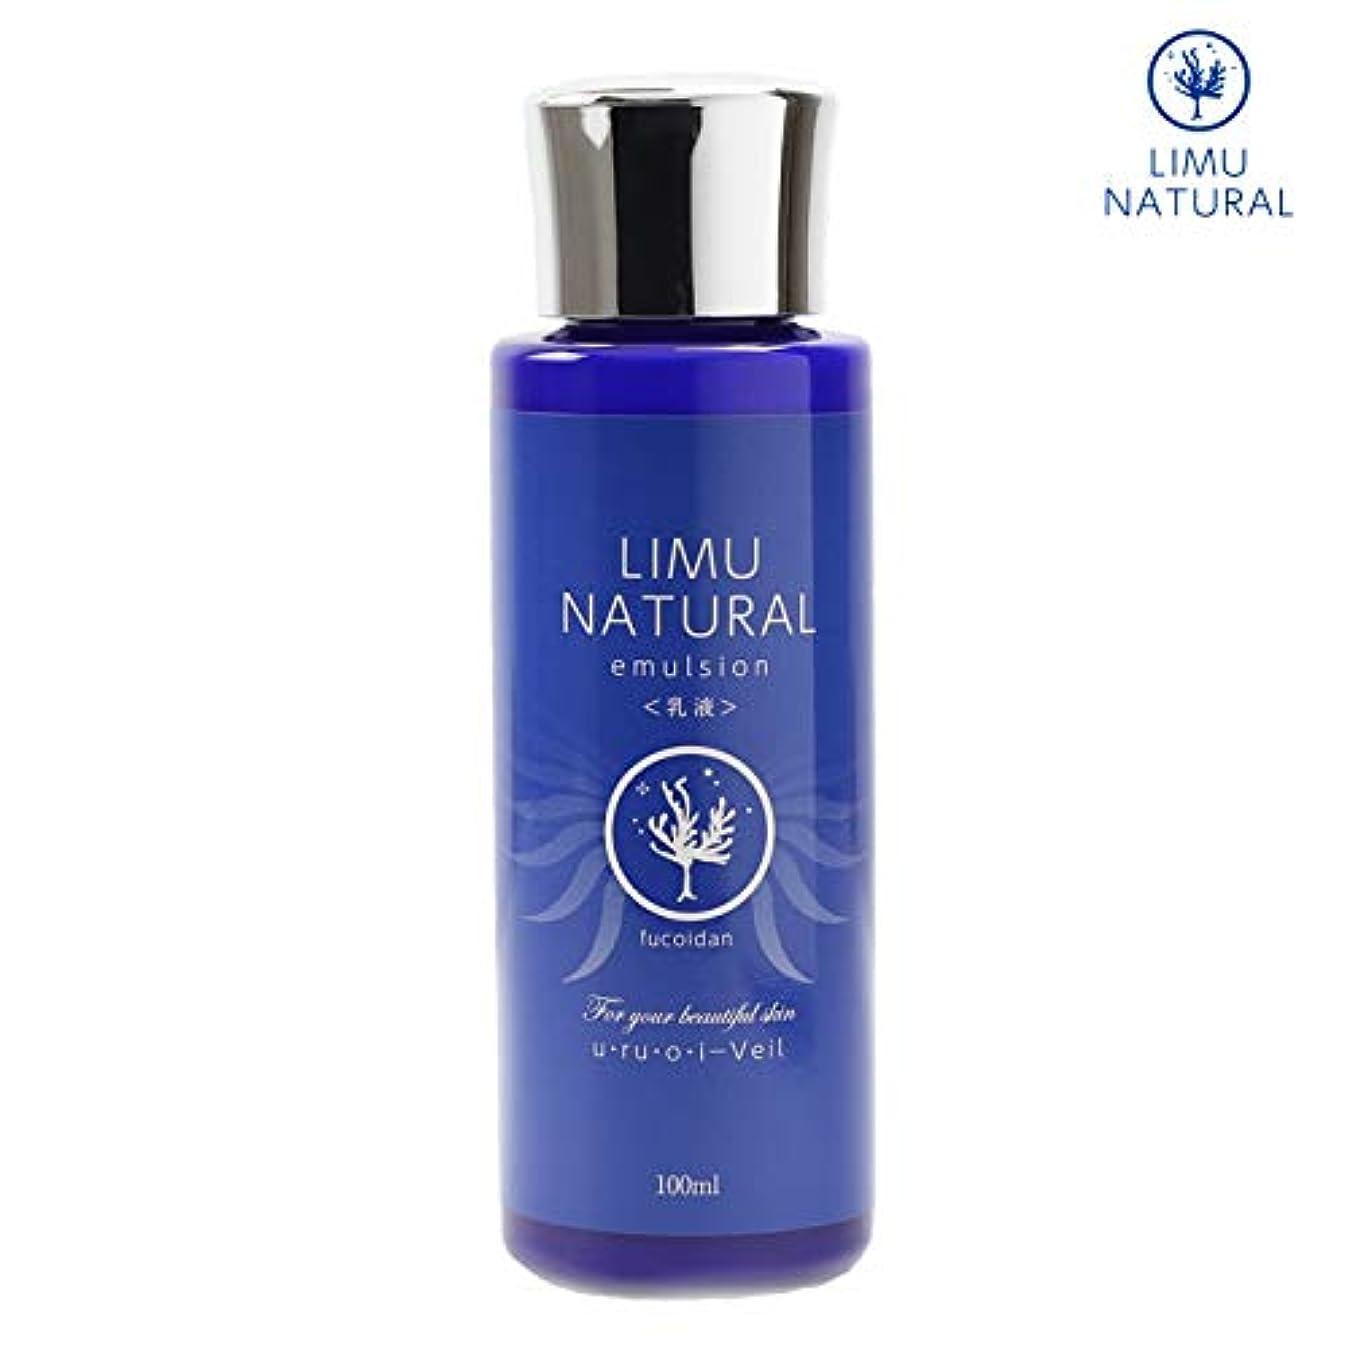 宿泊施設欠如ブレースリムナチュラル 乳液 LIMU NATURAL EMULSION (100ml) 海の恵「フコイダン」と大地の恵「グリセリルグルコシド」を贅沢に配合